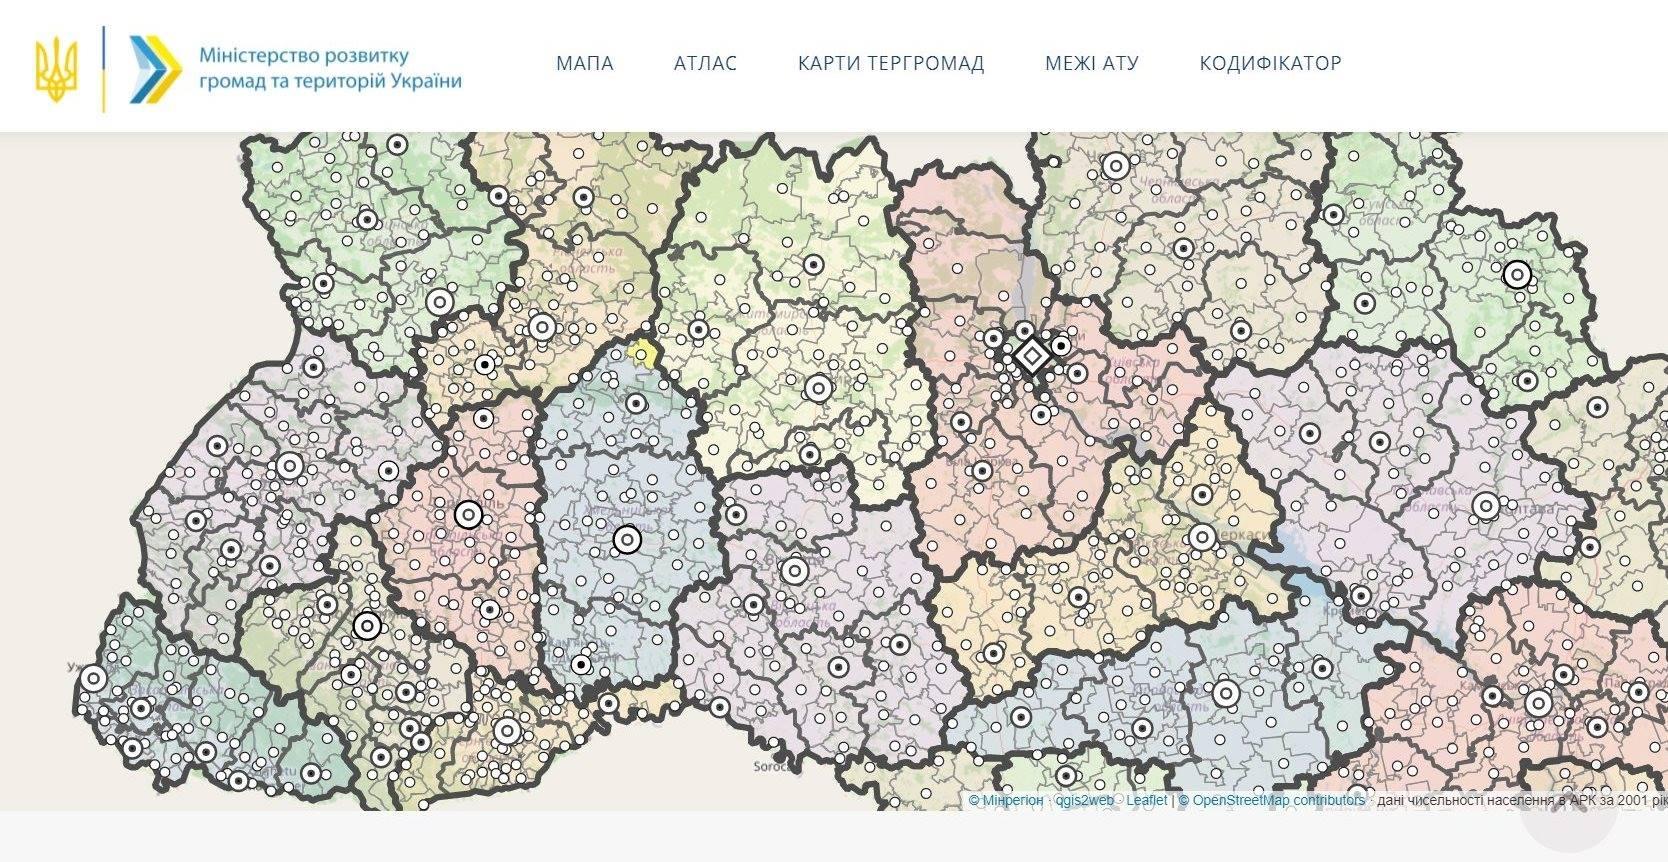 242753481 3899336960168523 5051179194610162212 n - Кожна громада отримала безкоштовну картосхему своєї території